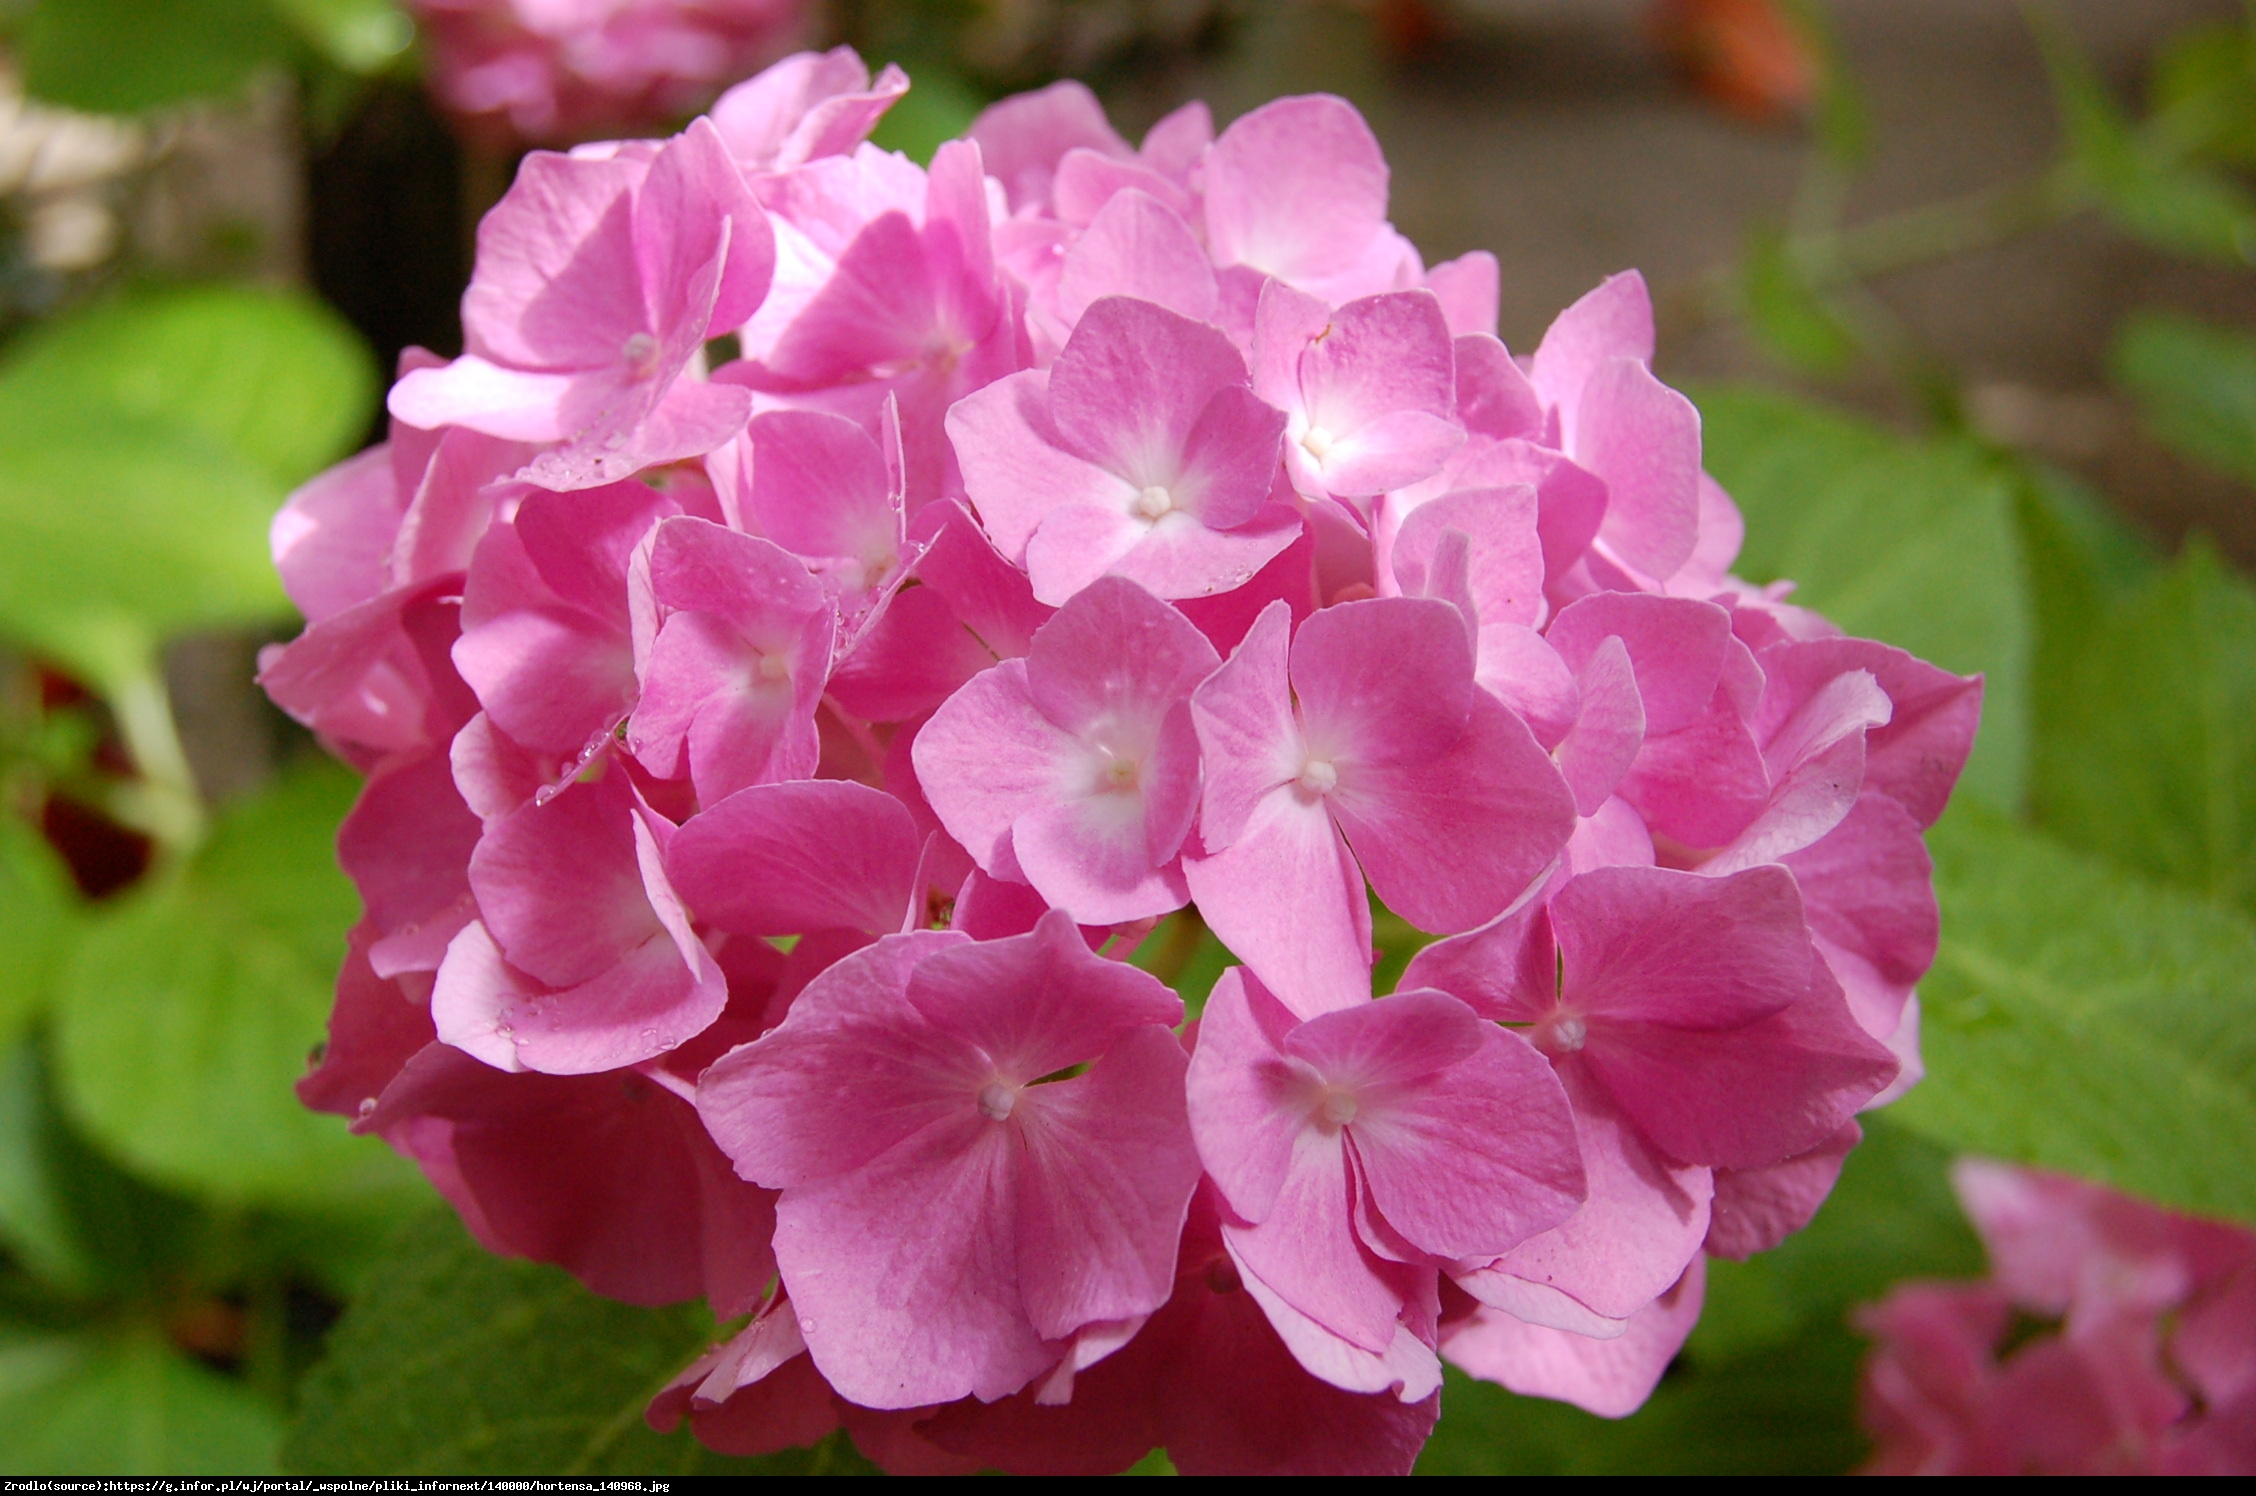 Hortensja ogrodowa różowa - Hydrangea macrophylla